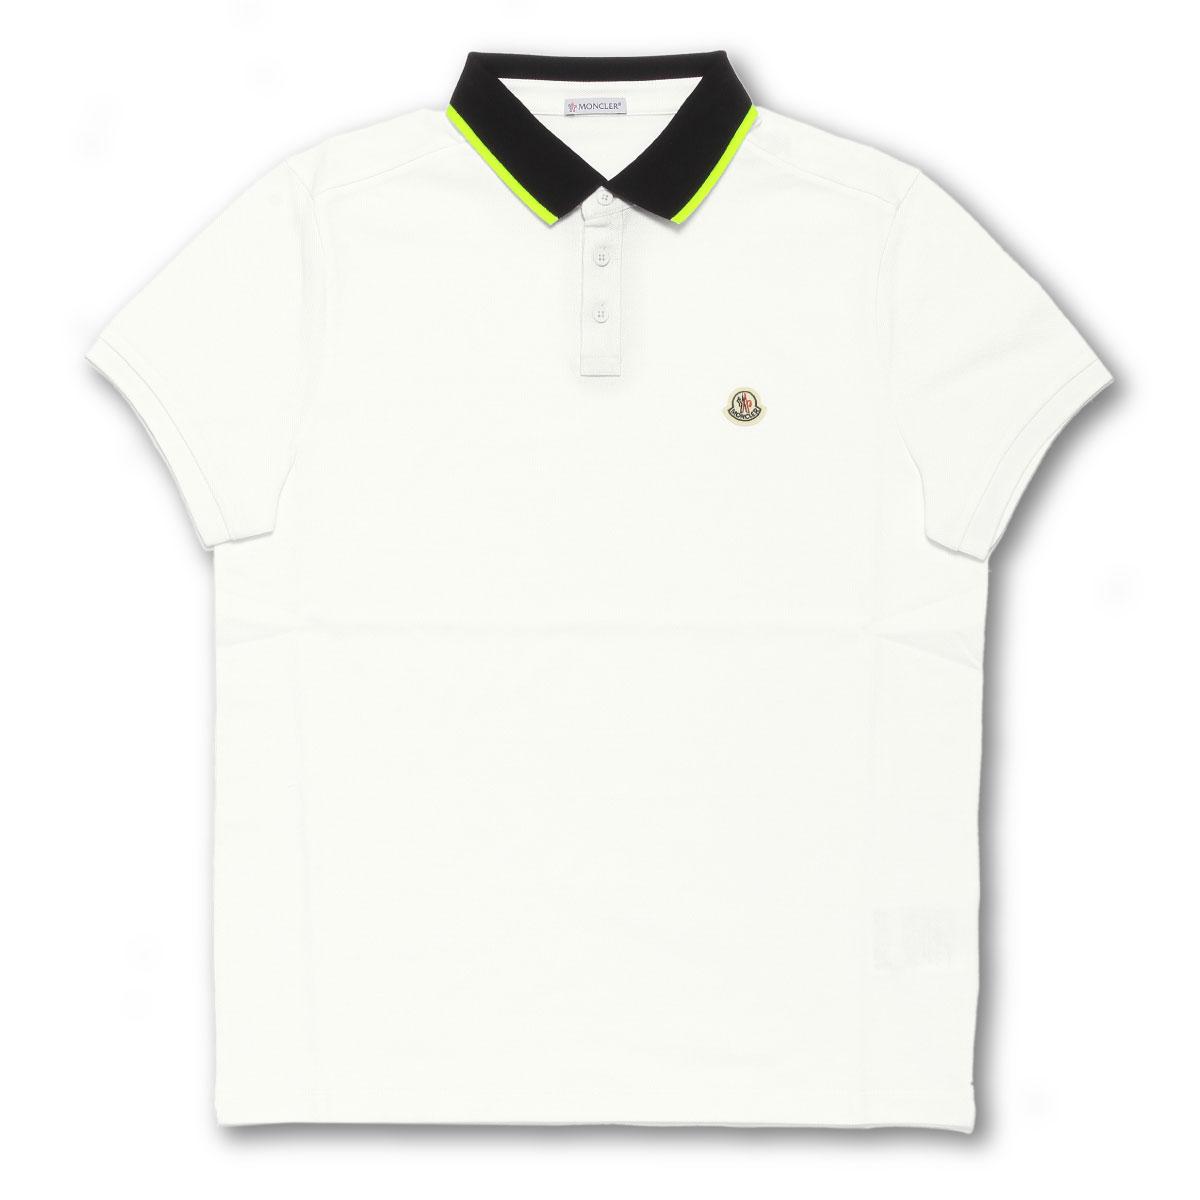 モンクレール MONCLER ポロシャツ メンズ 8304100 84556 004 半袖ポロシャツ WHITE ホワイト